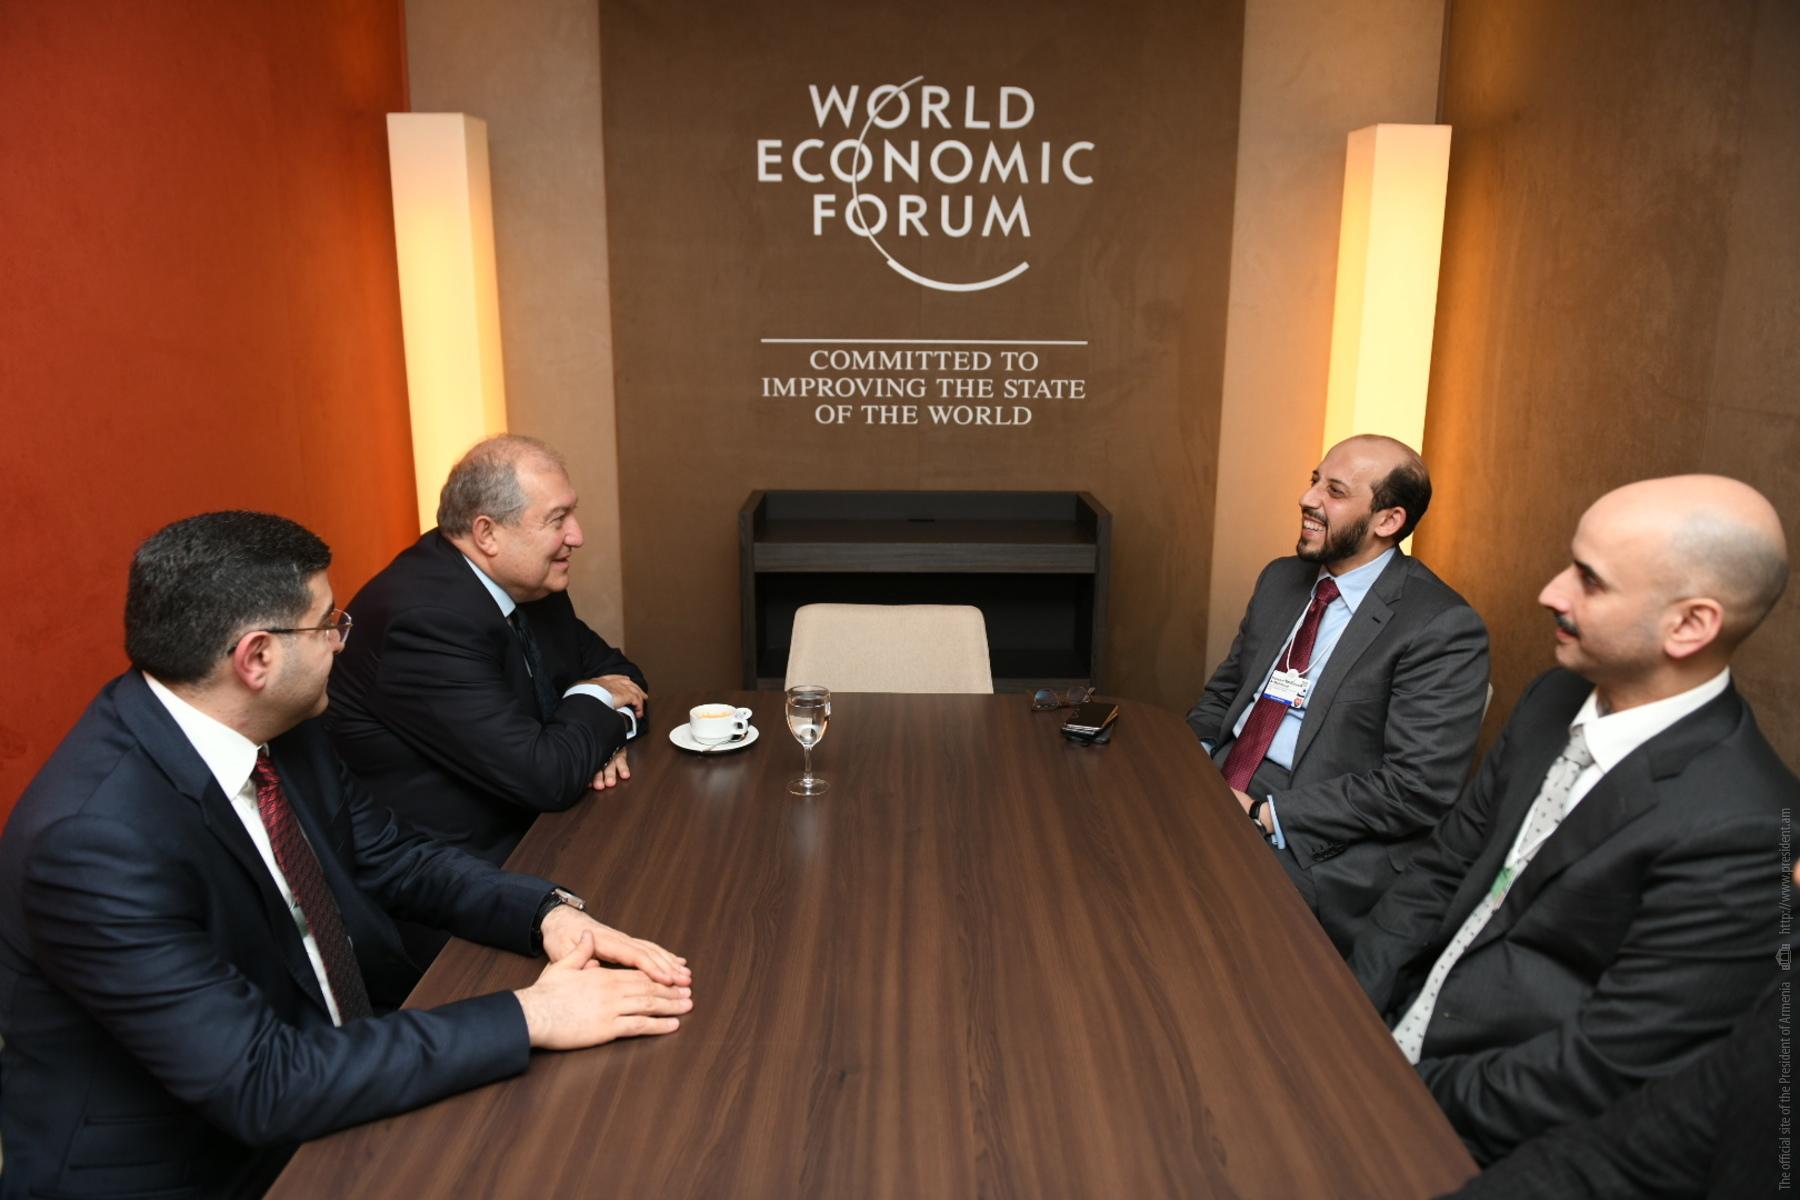 Կատարի ներդրումային հիմնադրամը հետաքրքրված է Հայաստանի հետ տնտեսական կապերի զարգացմամբ